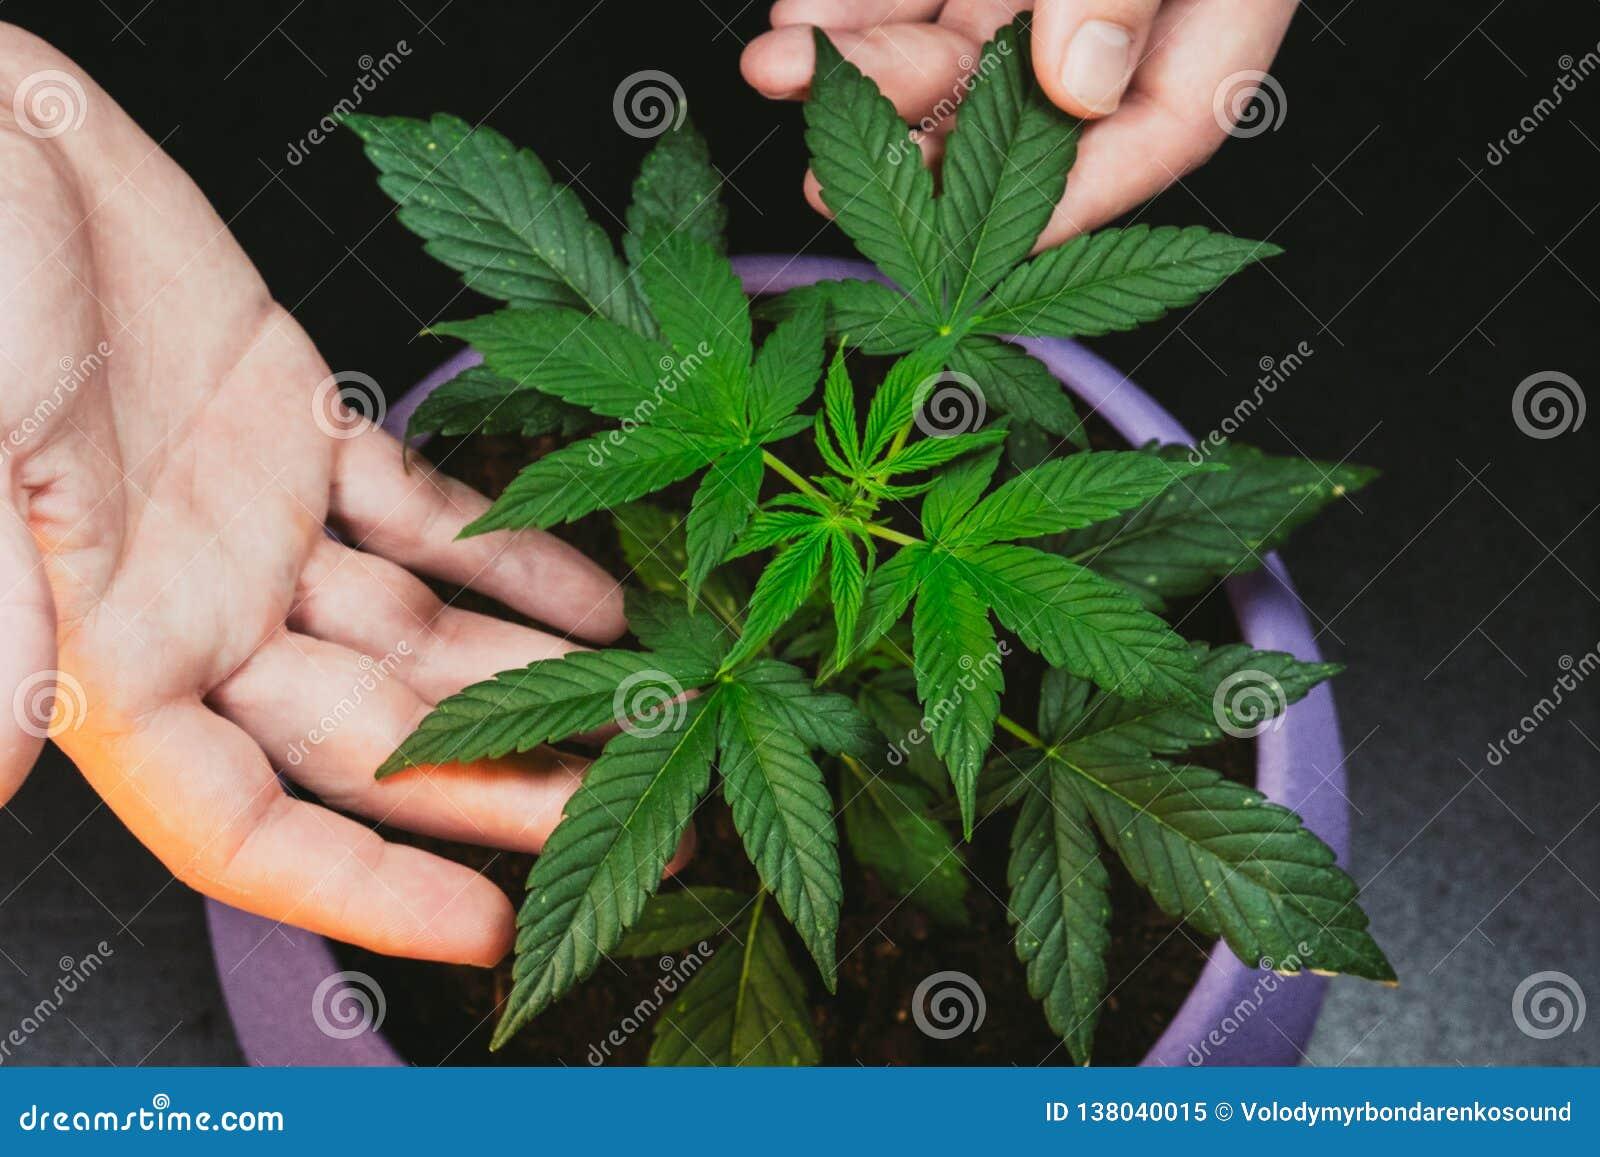 Фото парень и марихуана марихуана пнг